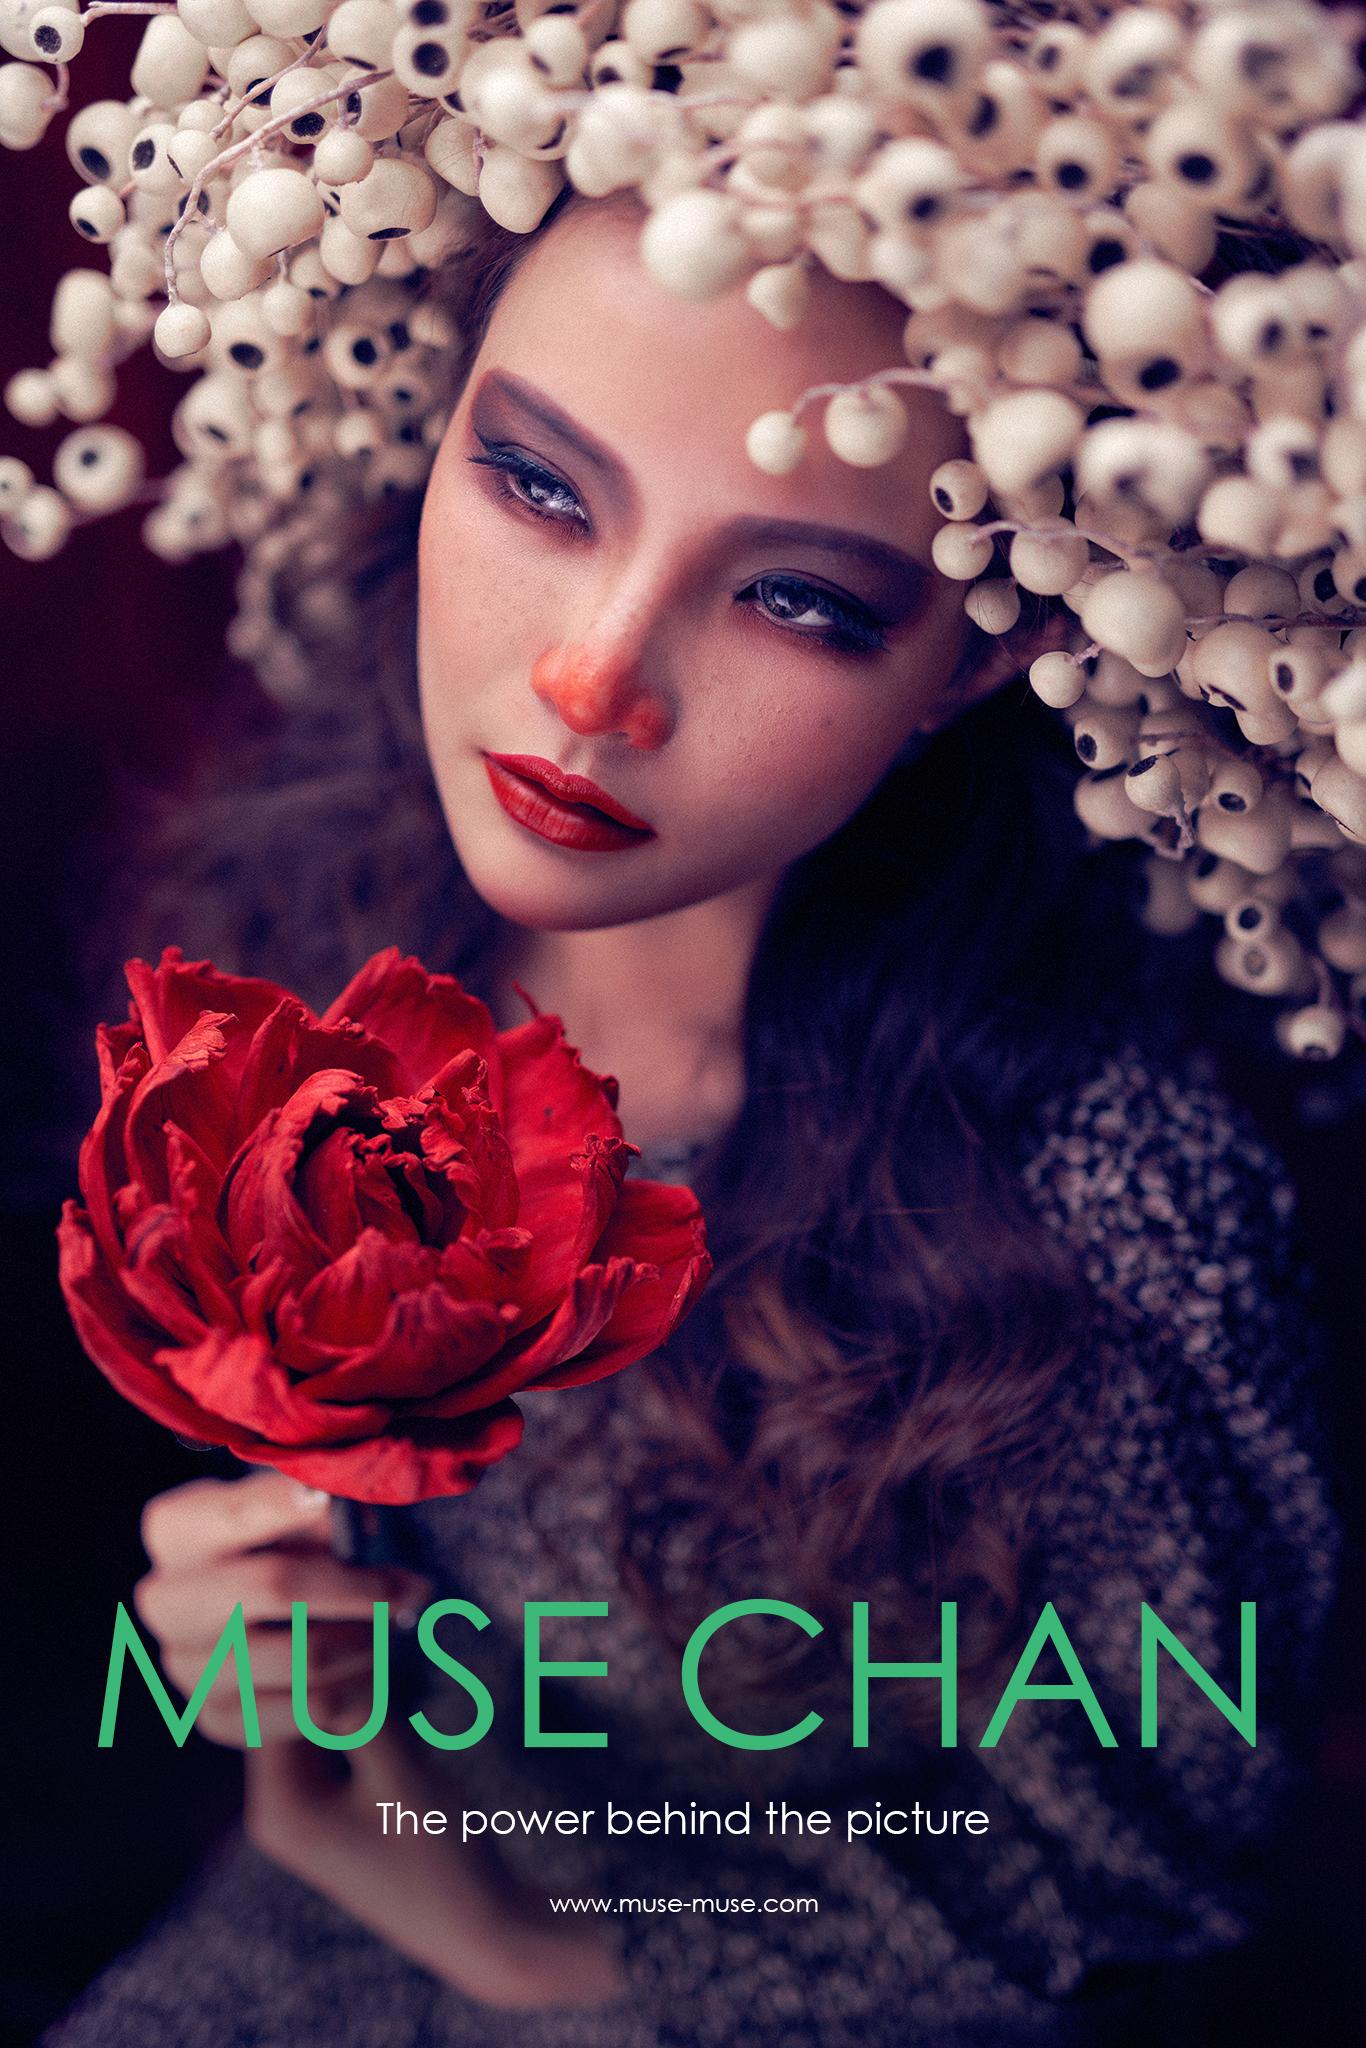 攝影師 Muse Chan 今年拍攝聖誕元素及色彩作作主題的個人創作作品,